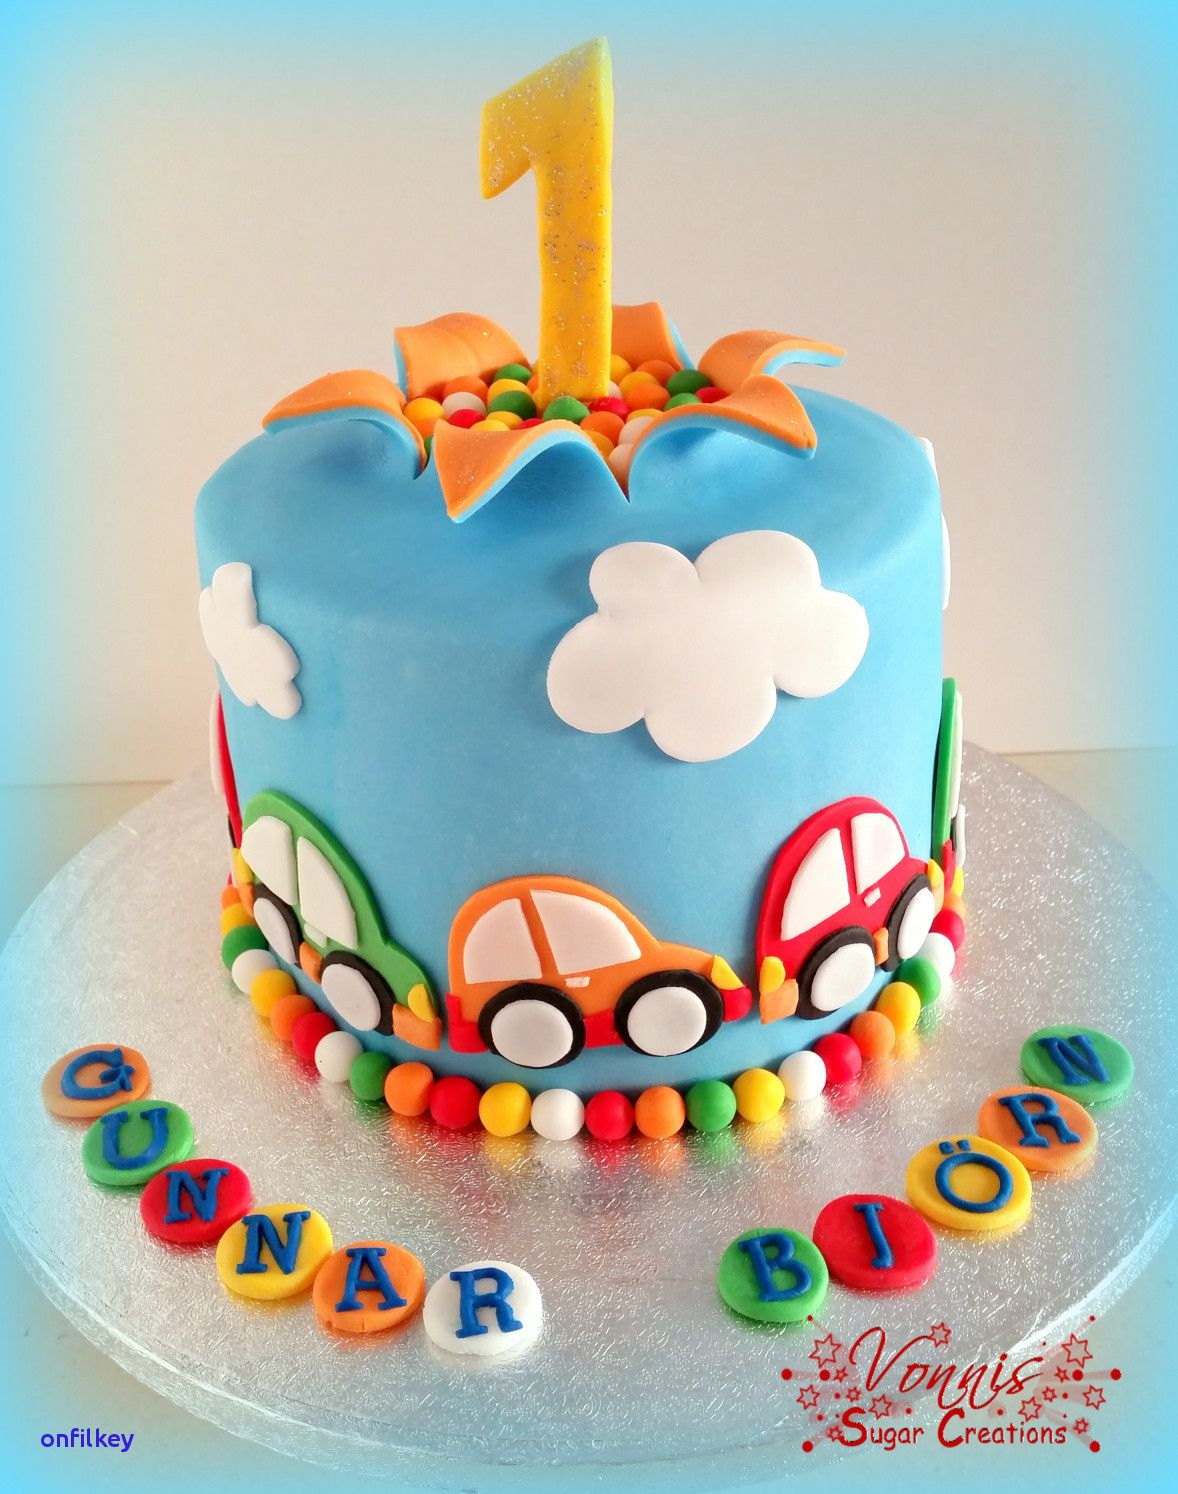 1 Geburtstag Baby Kuchen Geburtstagswunsche verwandt mit Geburtstagskuchen Für 1 Jahr